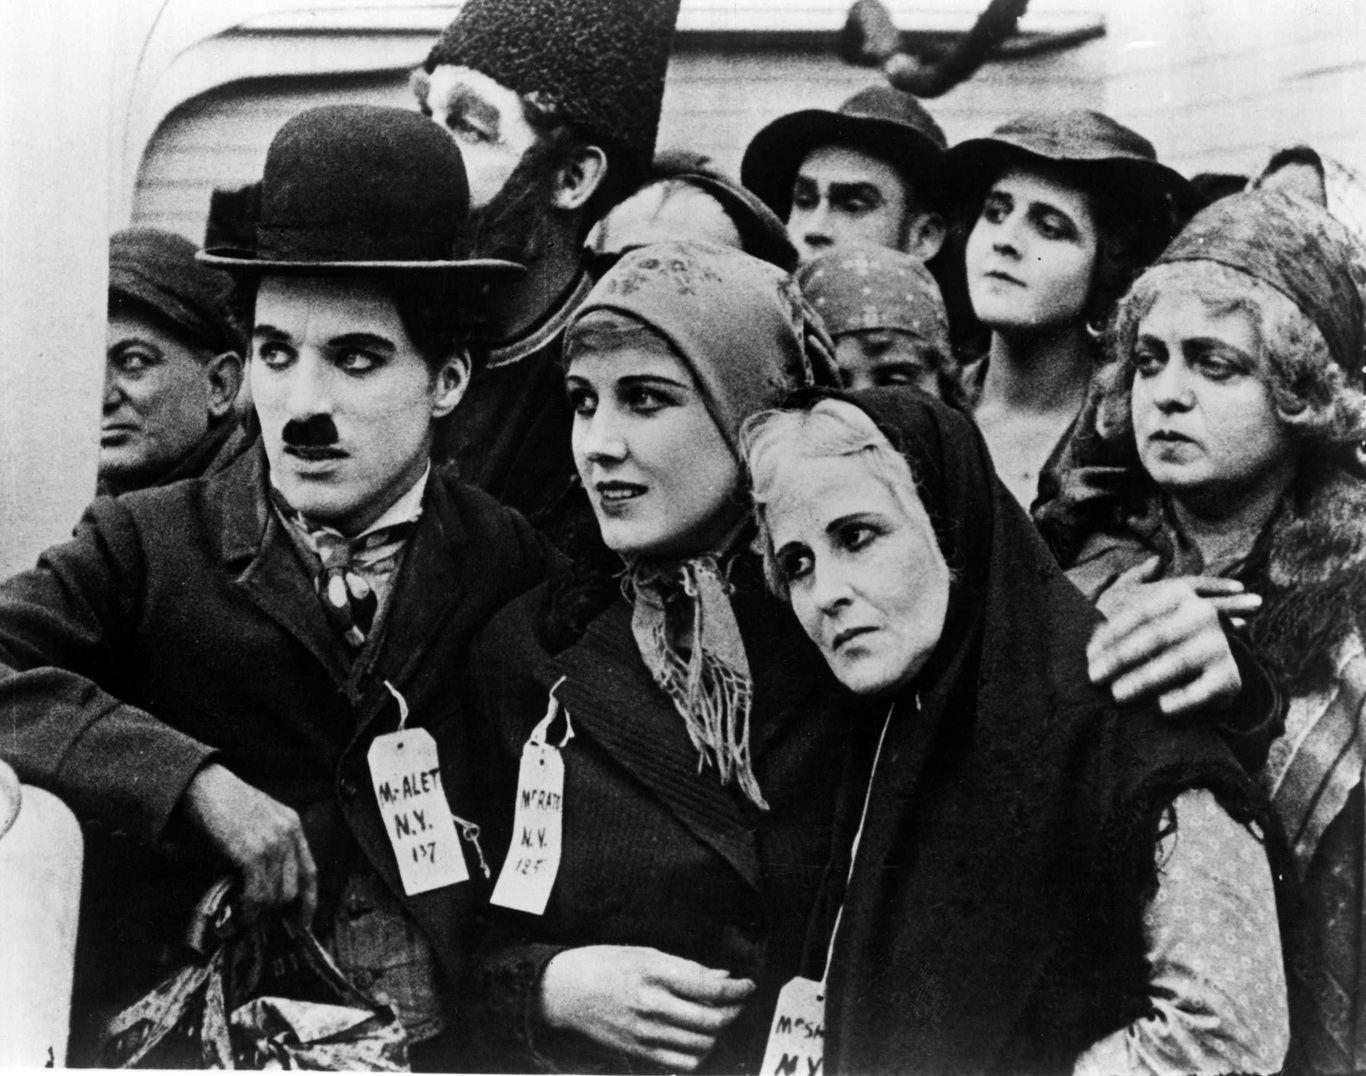 Film interpretato, diretto e prodotto da Charlie Chaplin